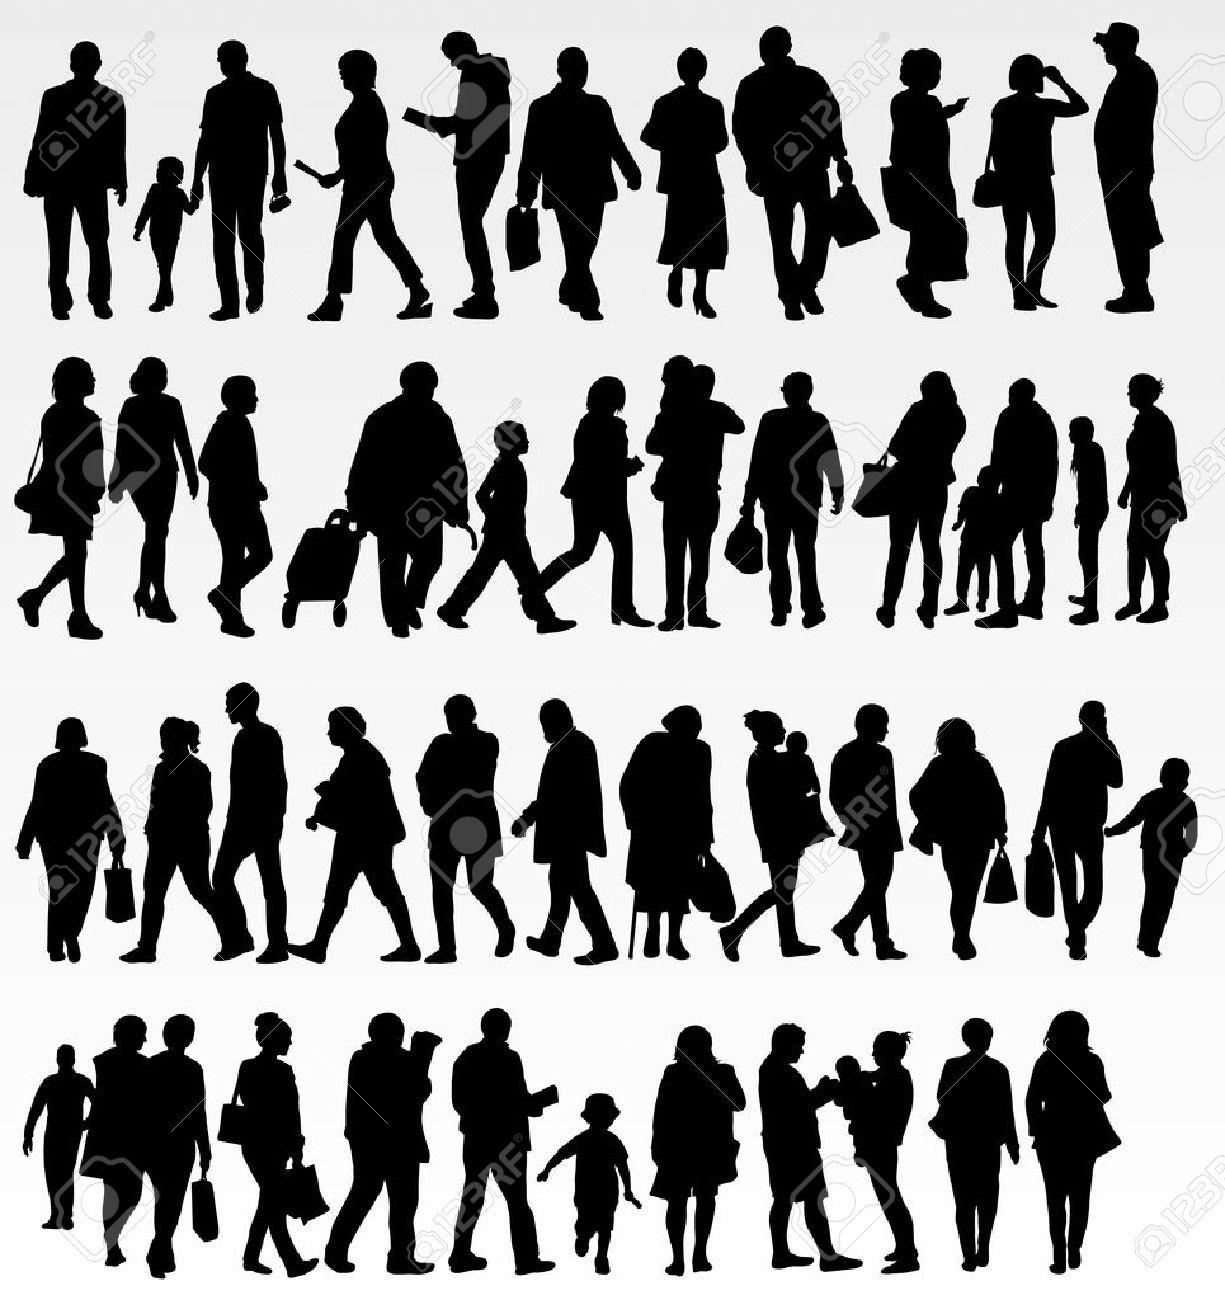 人物シルエット コレクションのイラスト素材ベクタ Image 35640817